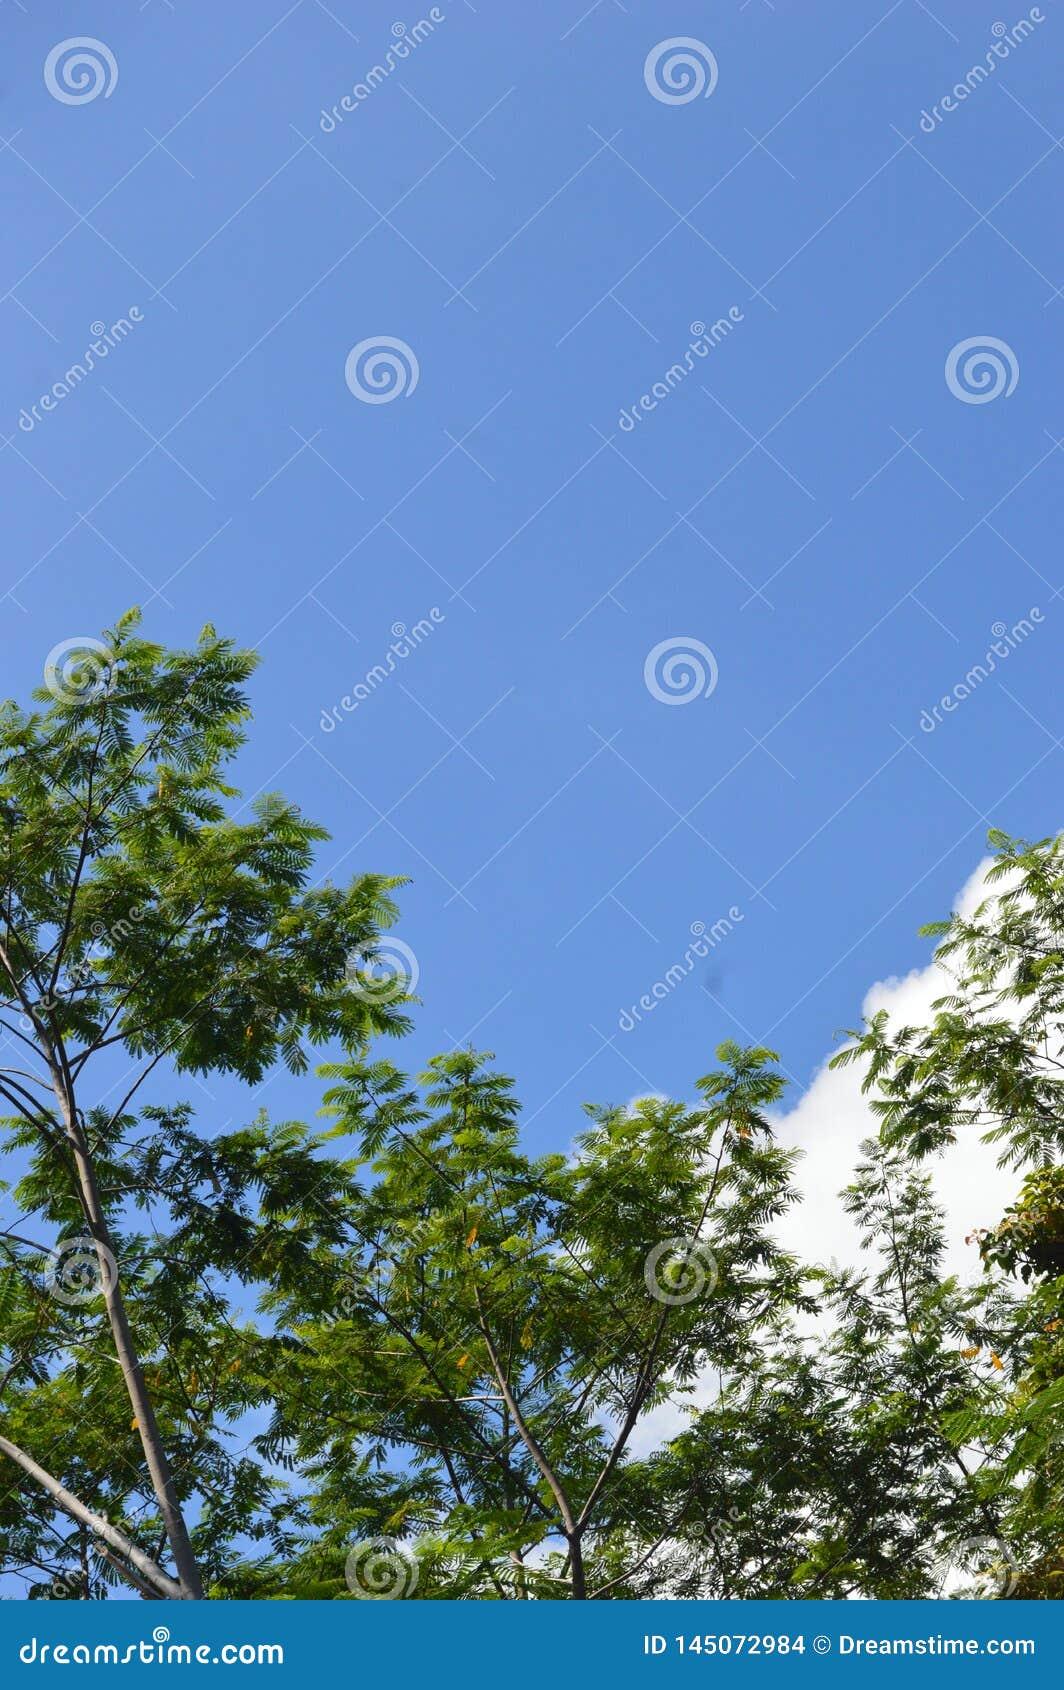 Een beeld van een boom die aan de hemel uittorende